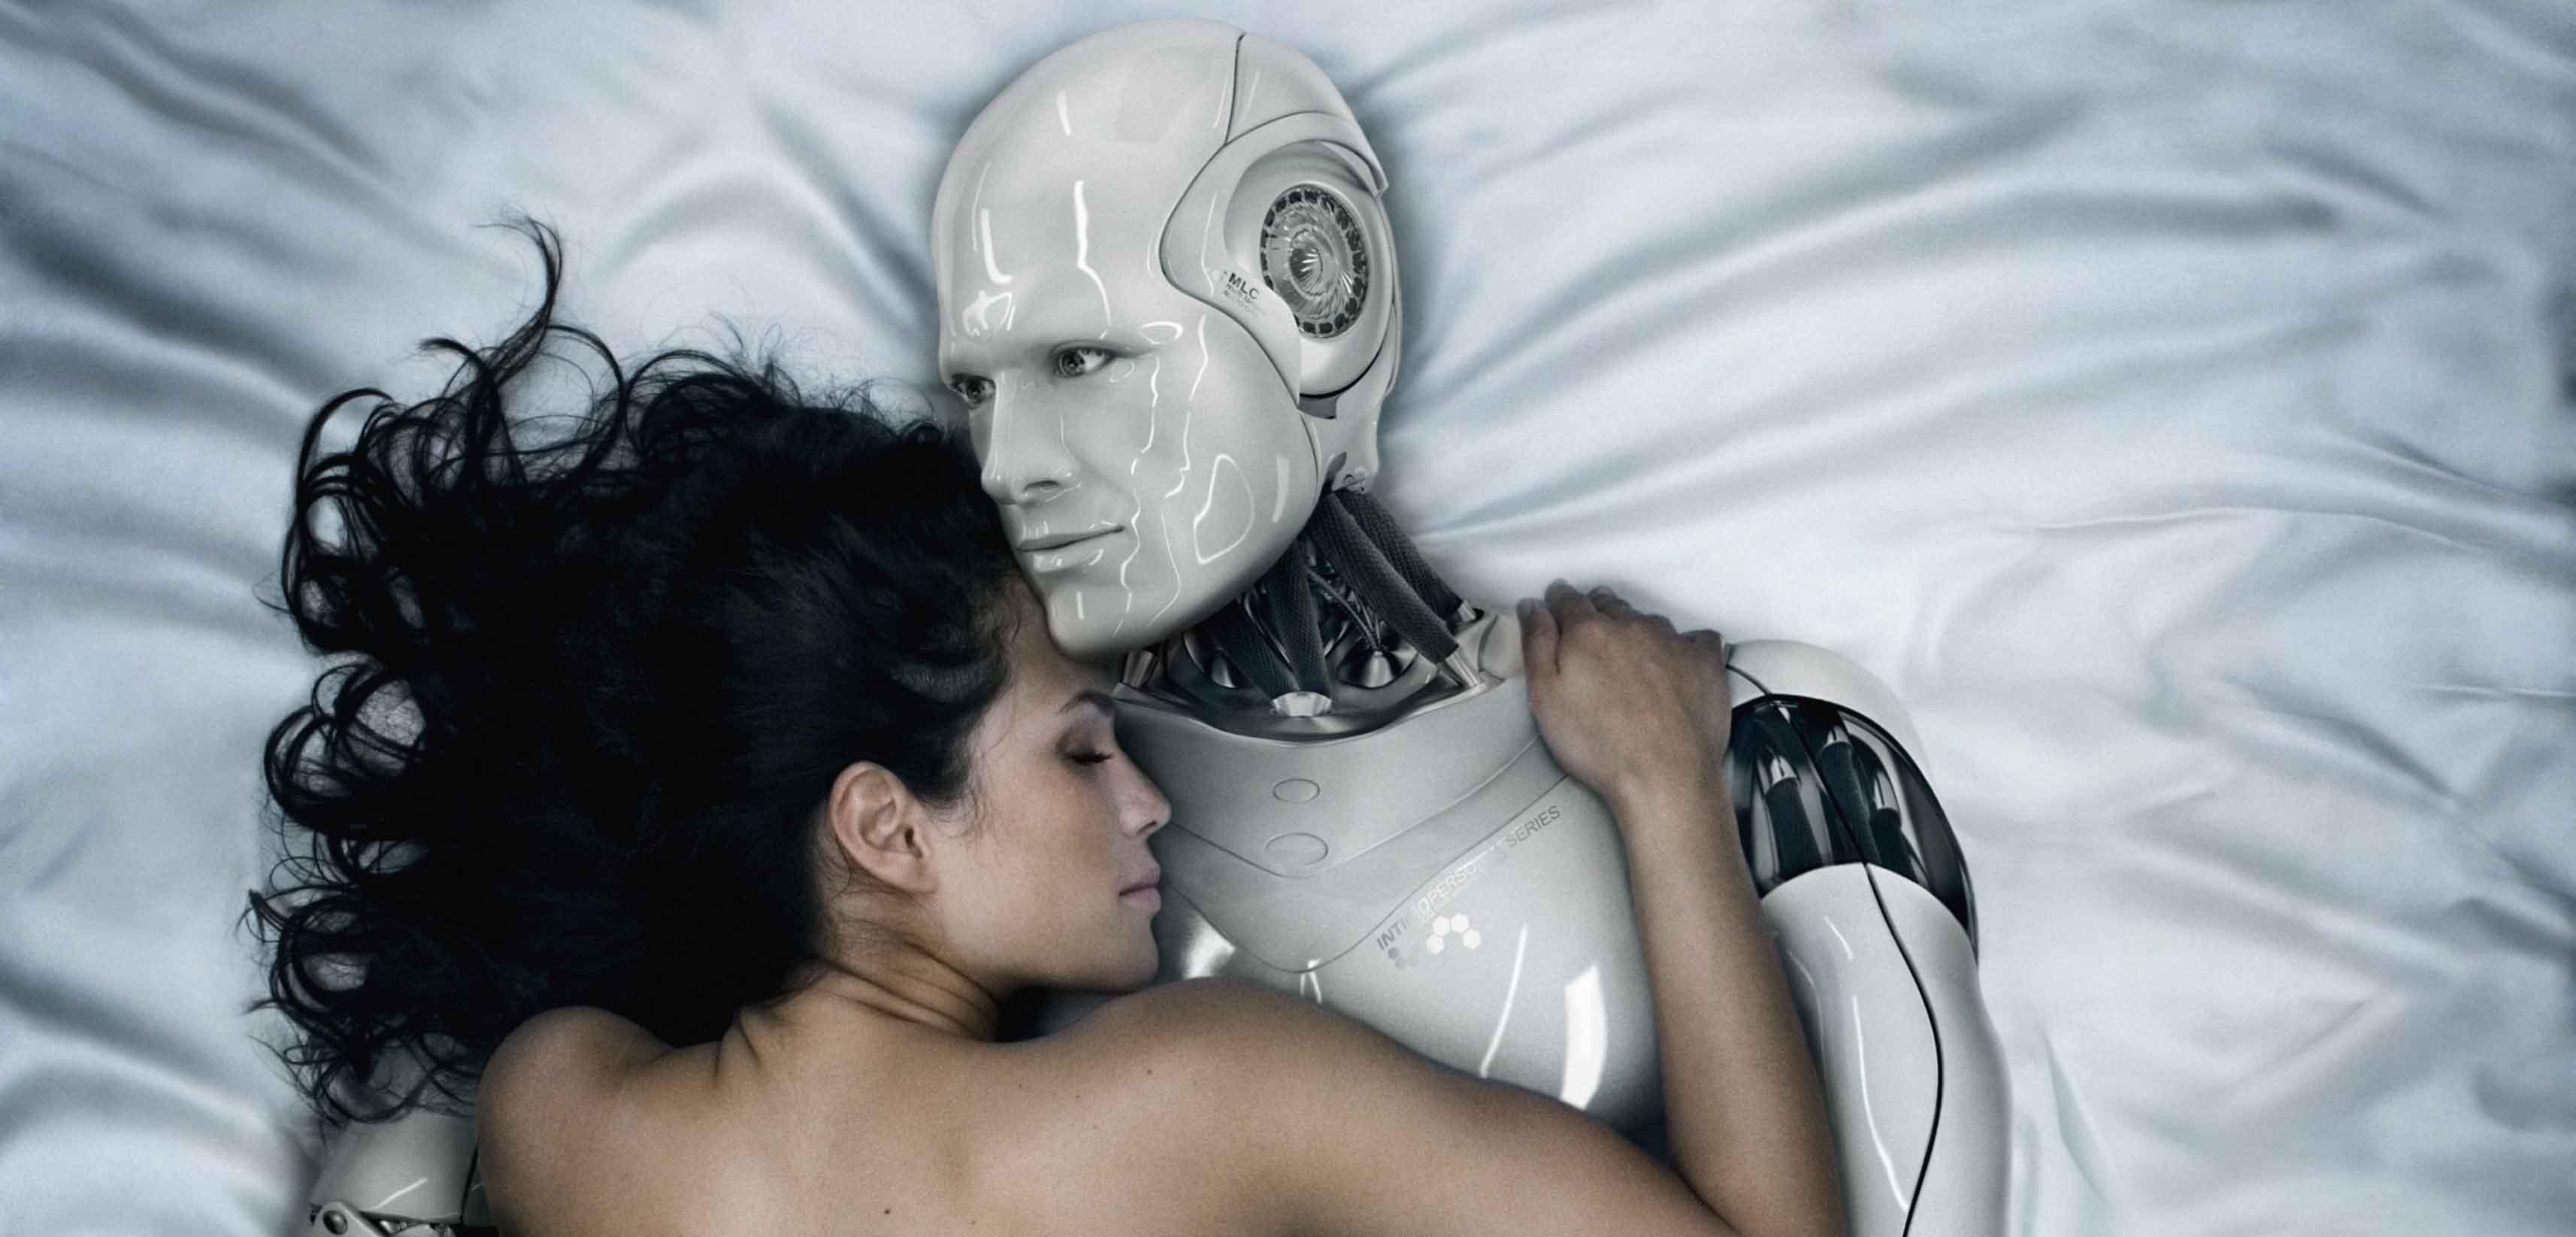 IL PARTNER IDEALE NEL FUTURO SARA' UN ROBOT